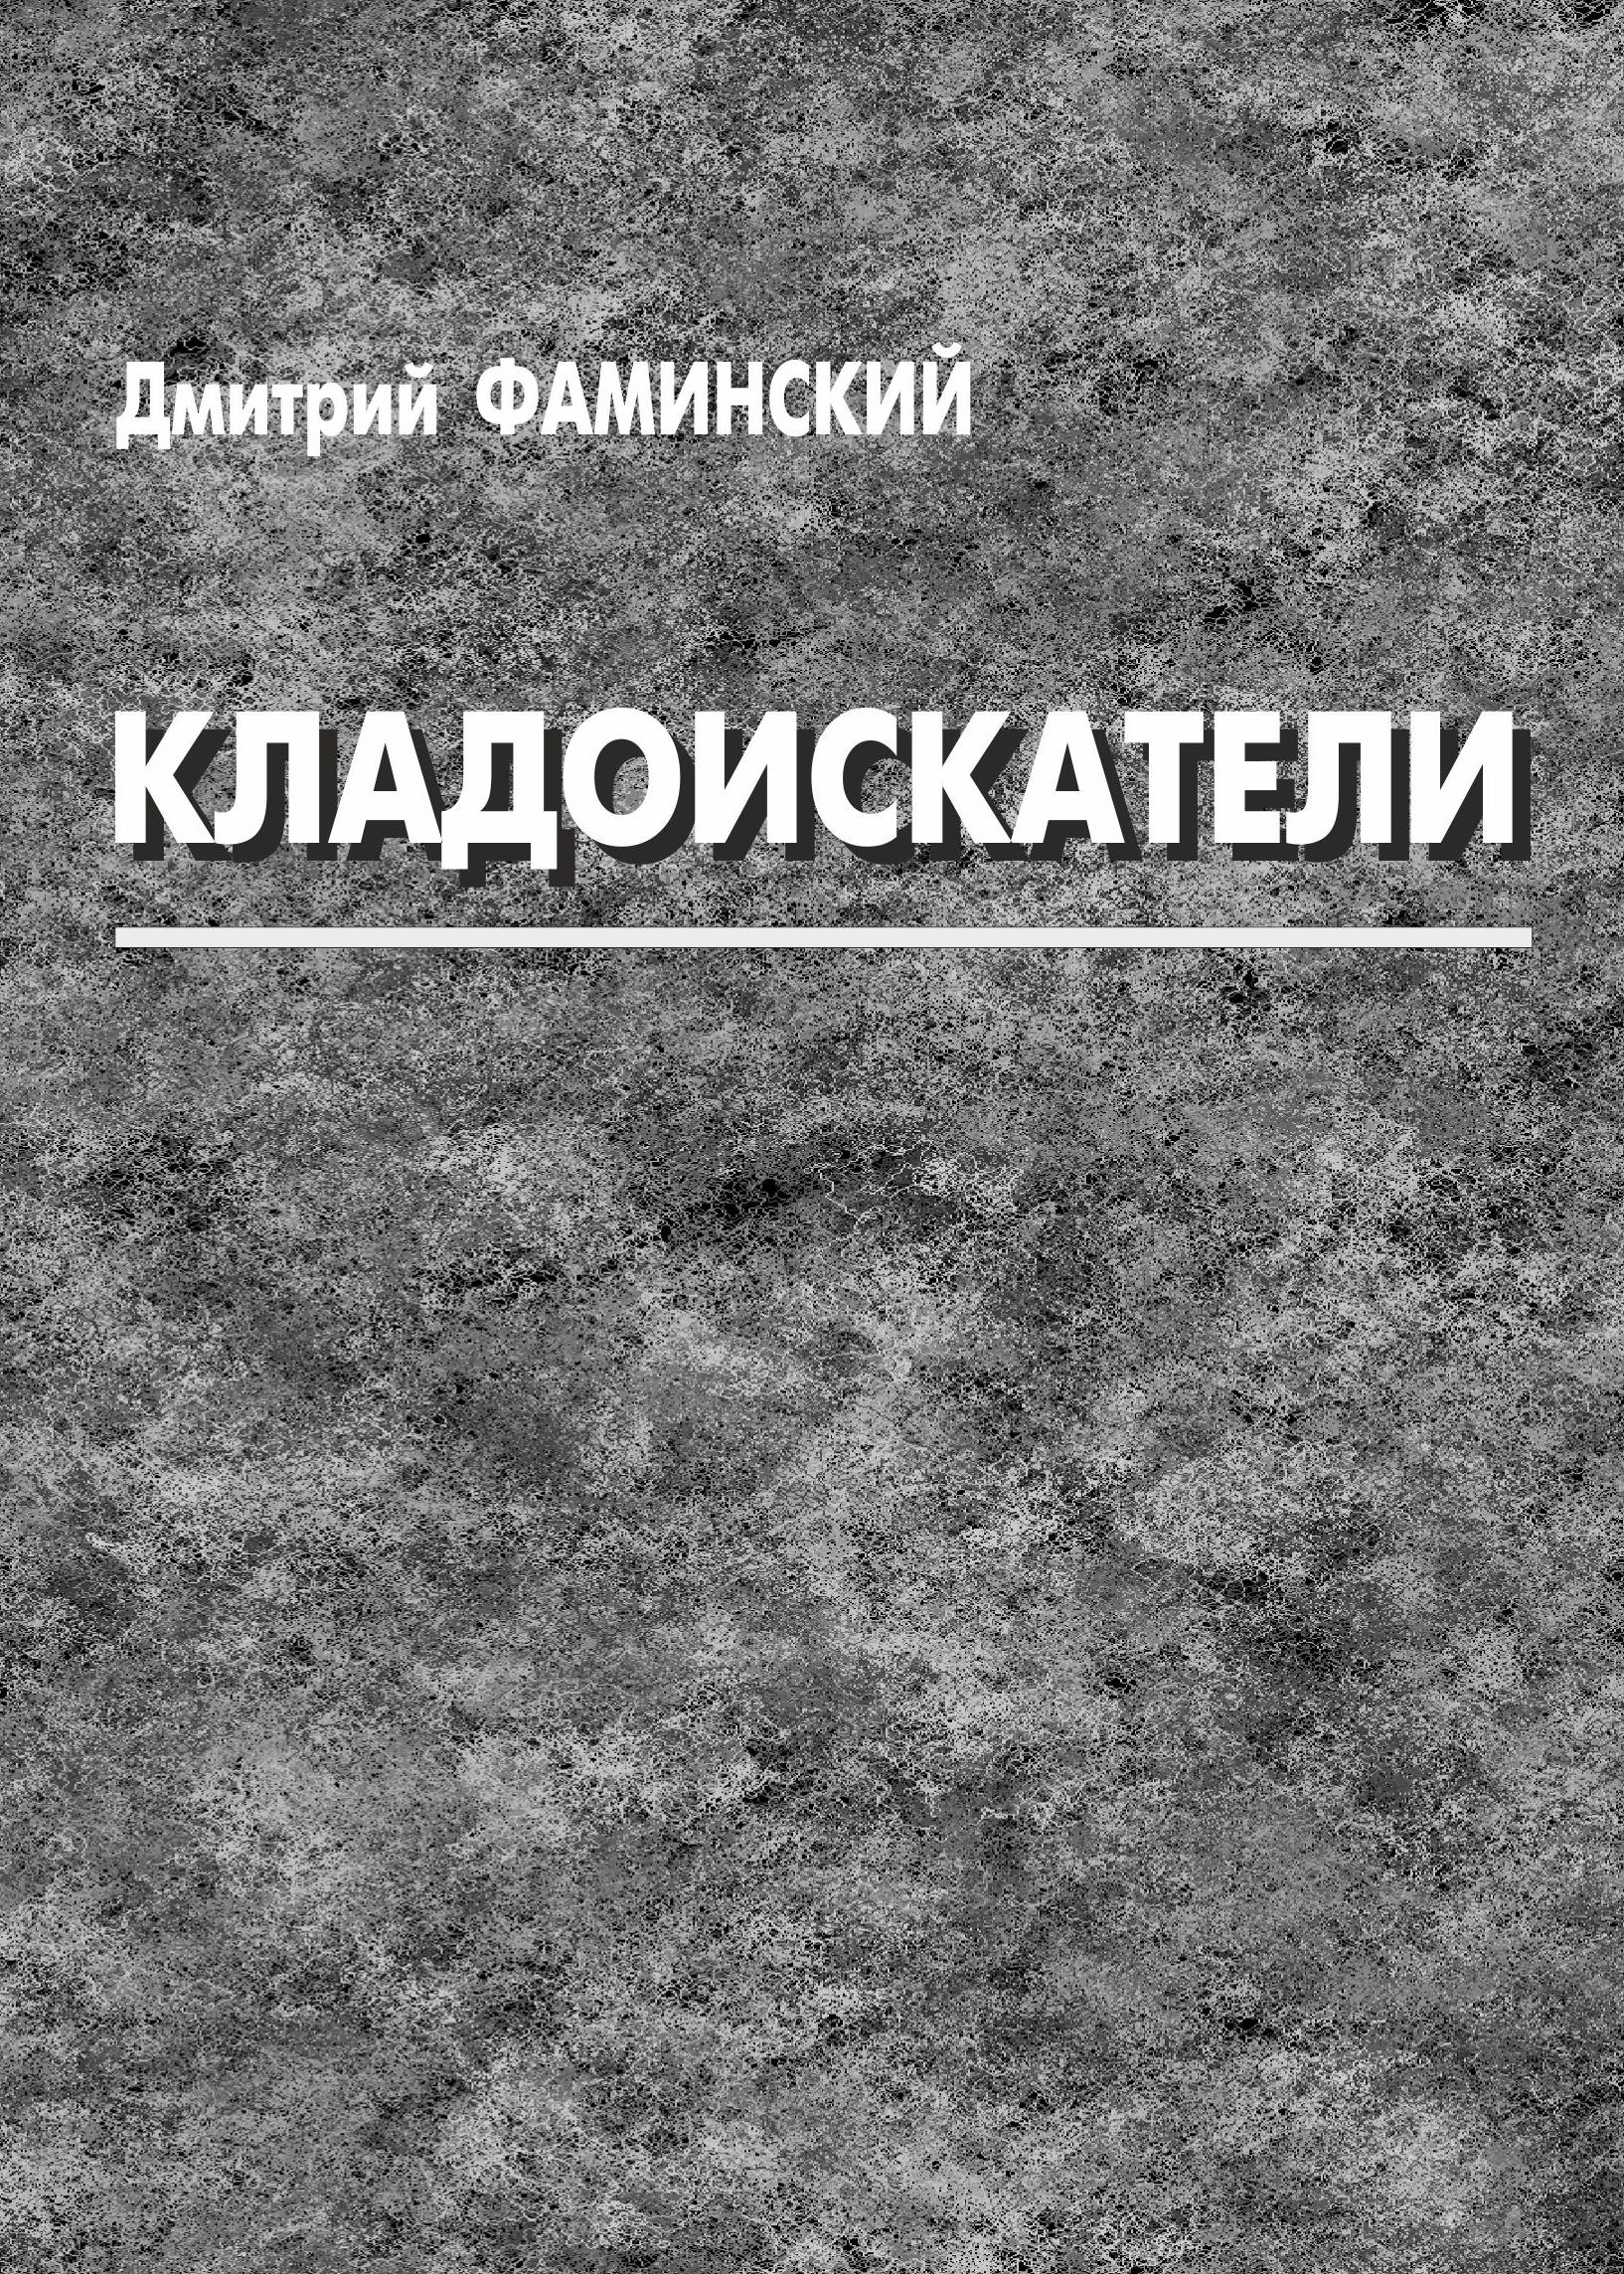 Дмитрий Фаминский Кладоискатели (сборник) дмитрий фаминский торговцы впечатлениями